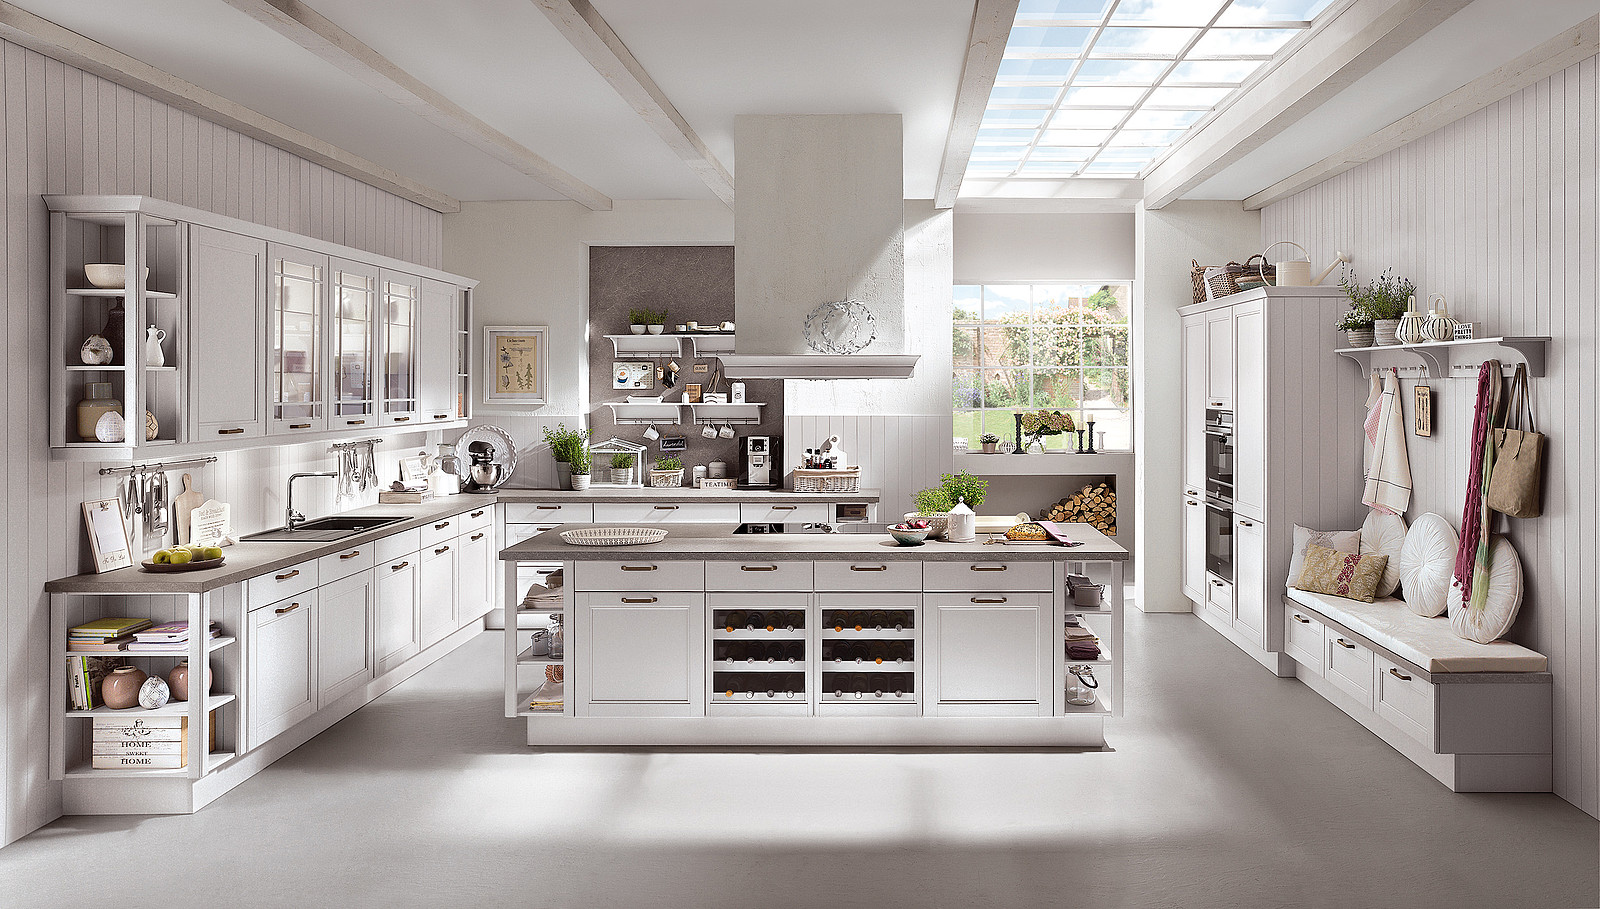 Full Size of Landhausküche Landhauskche Von Klassisch Rustikal Bis Modern Moderne Grau Weiß Gebraucht Weisse Küche Landhausküche